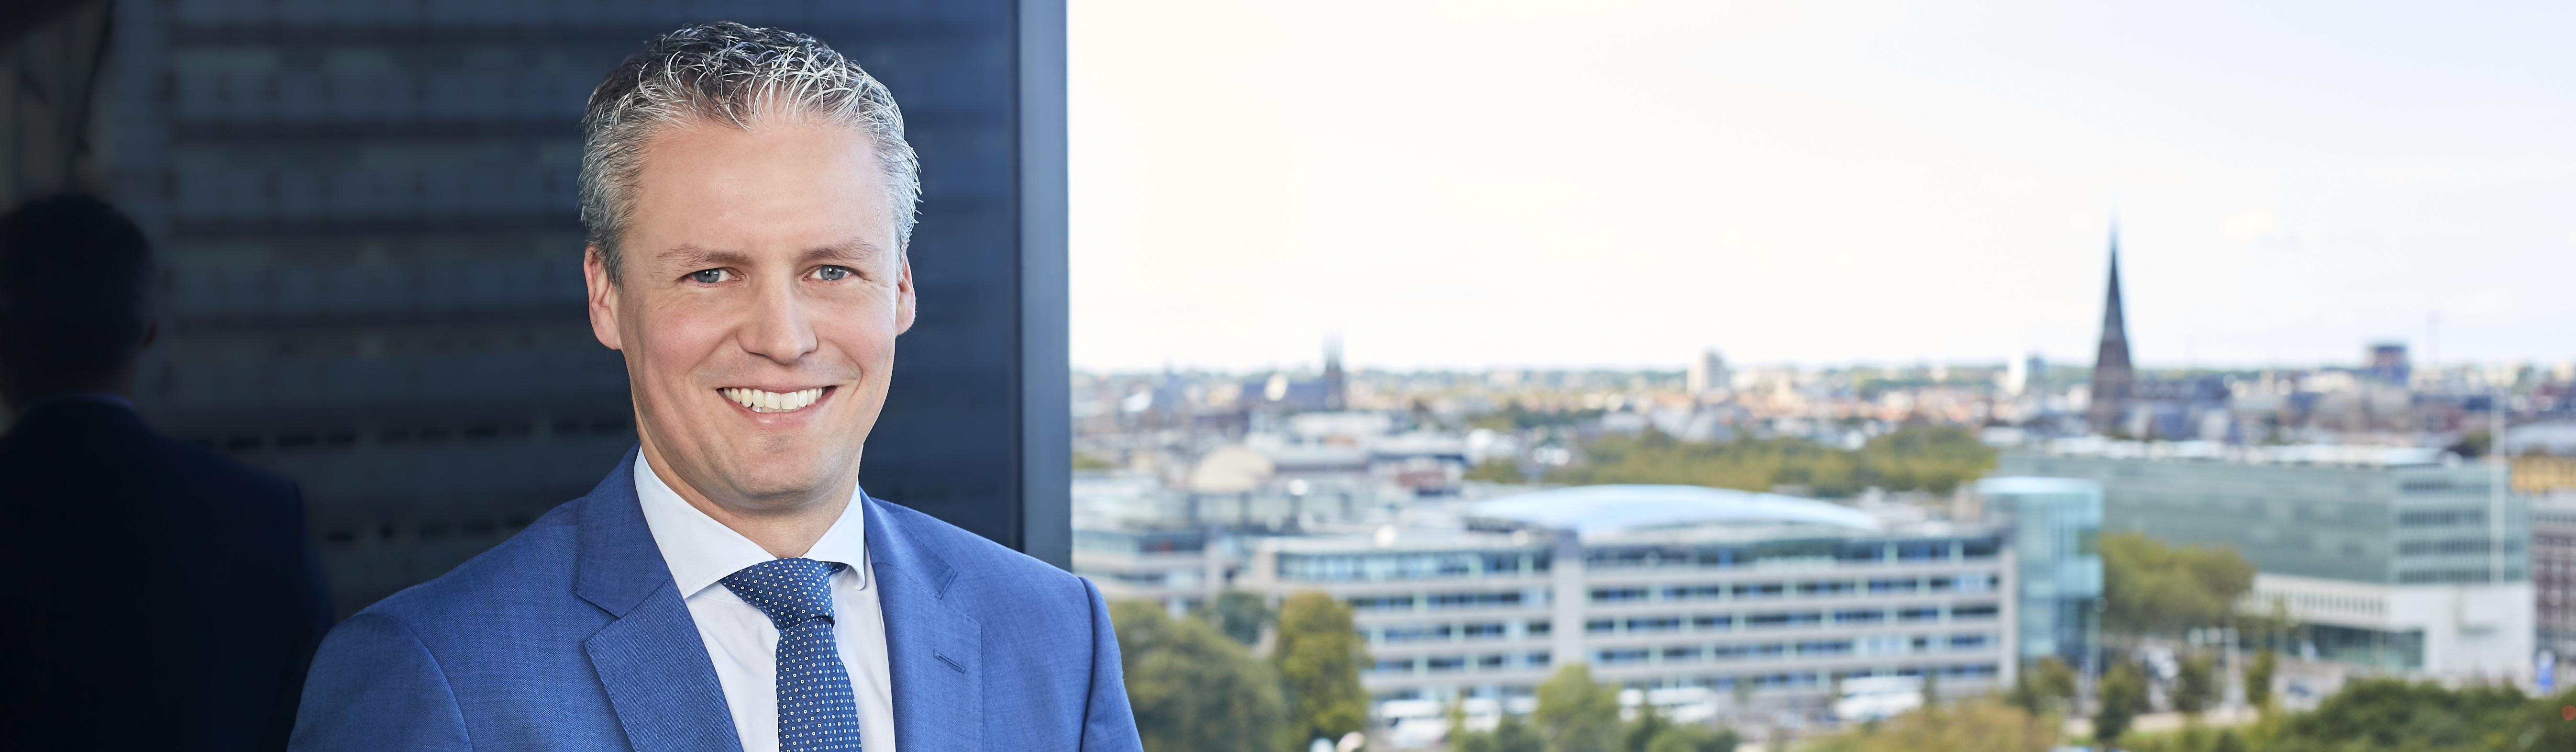 Ruben van Arkel, advocaat Pels Rijcken